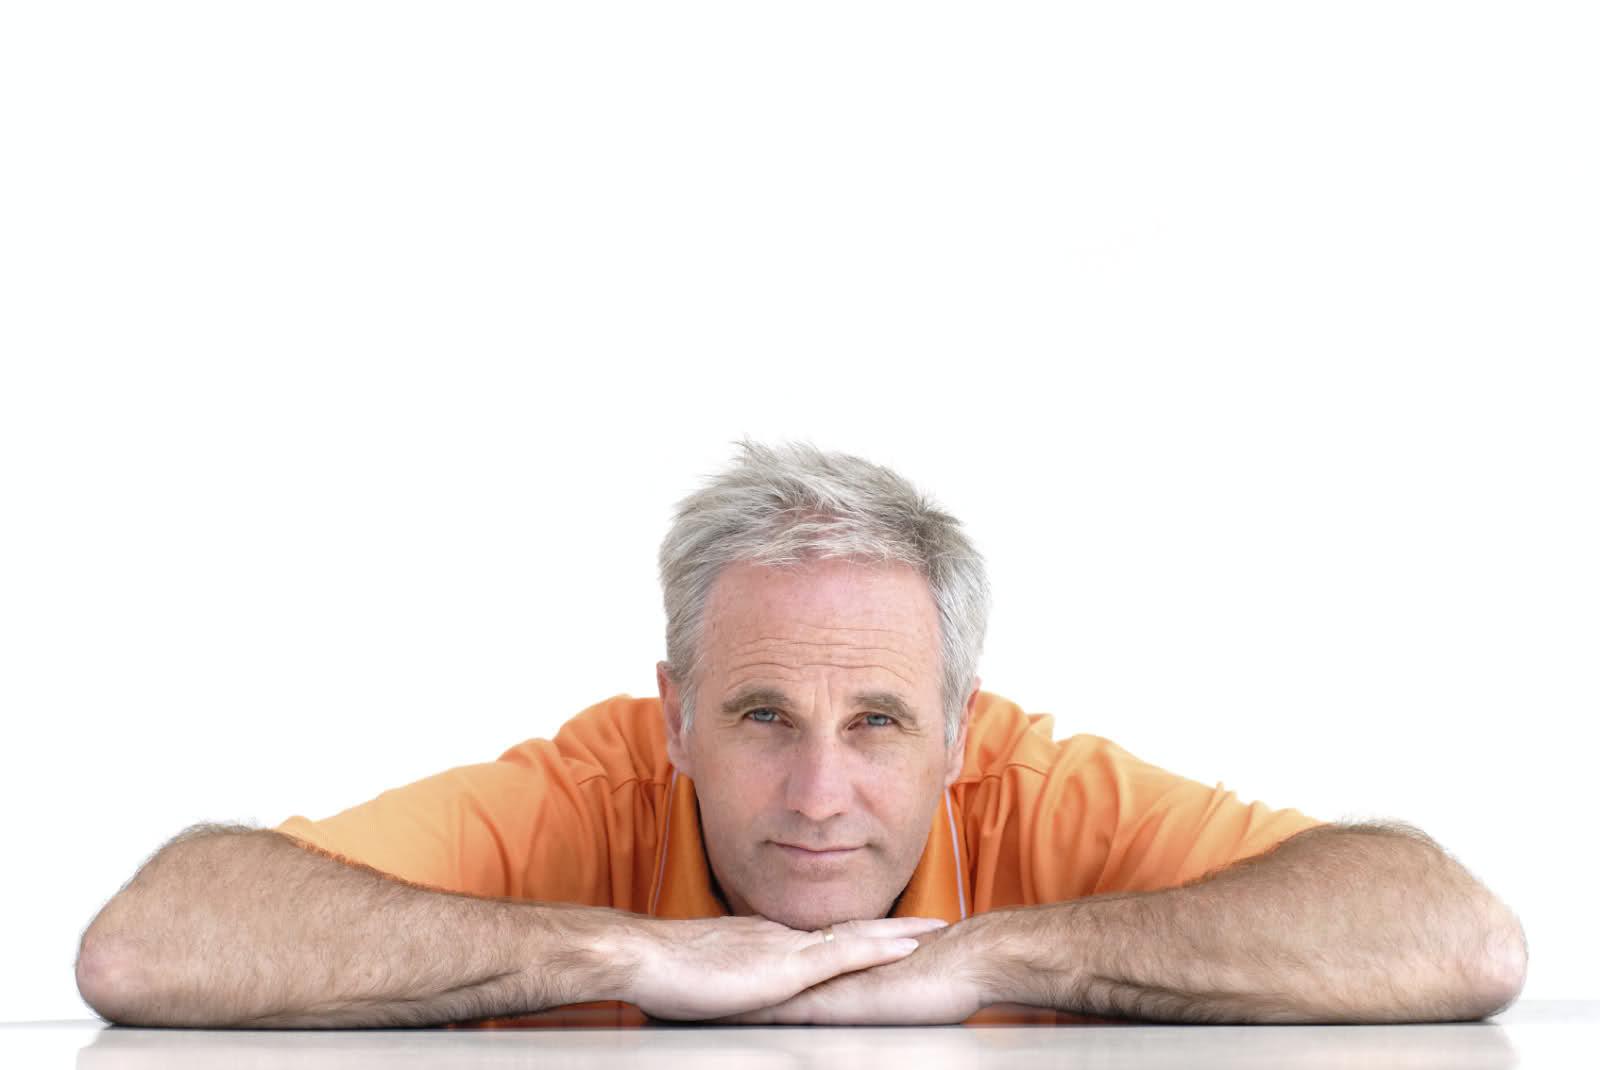 Климакс у мужчин: бывает ли у мужчин климактерический период? 👨